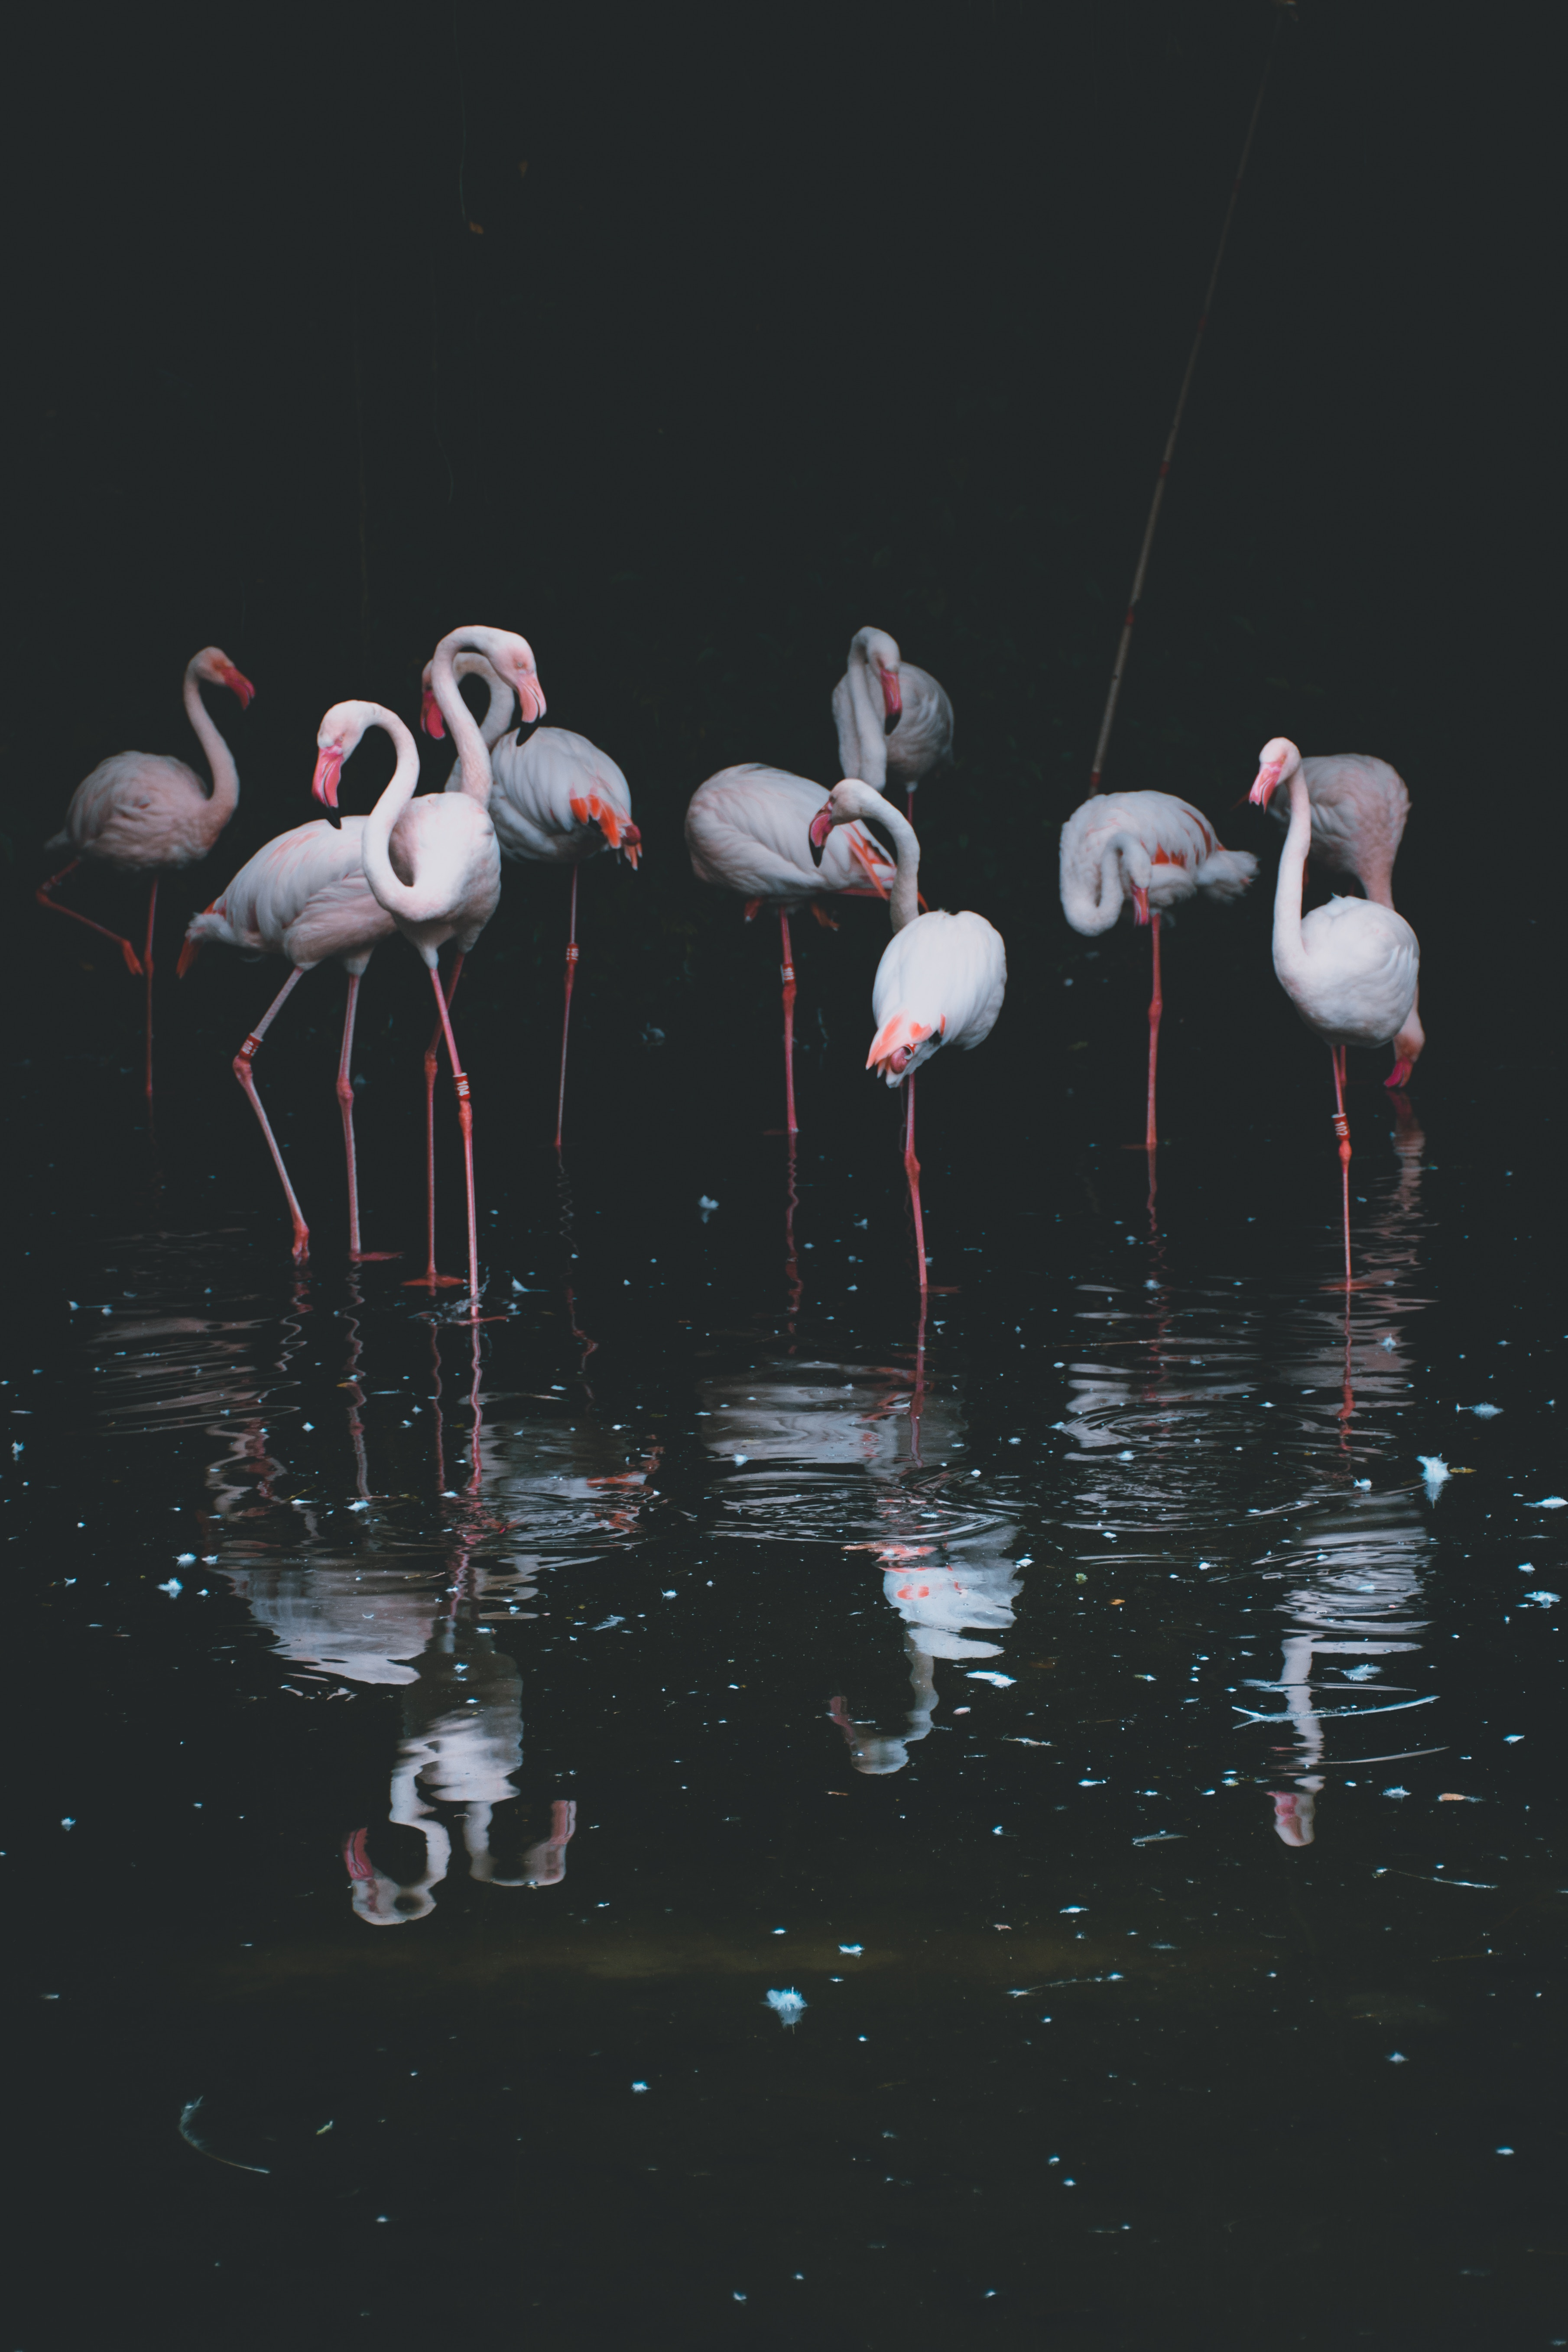 61938 Hintergrundbild herunterladen Vögel, Wasser, Flamingo, Reflexion, Dunkel, Becken - Bildschirmschoner und Bilder kostenlos